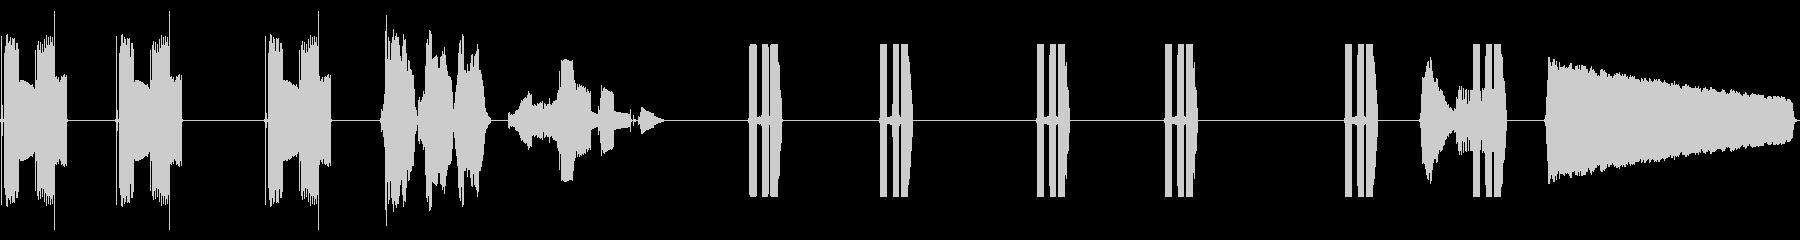 コンピューターテレメトリー:関数シ...の未再生の波形